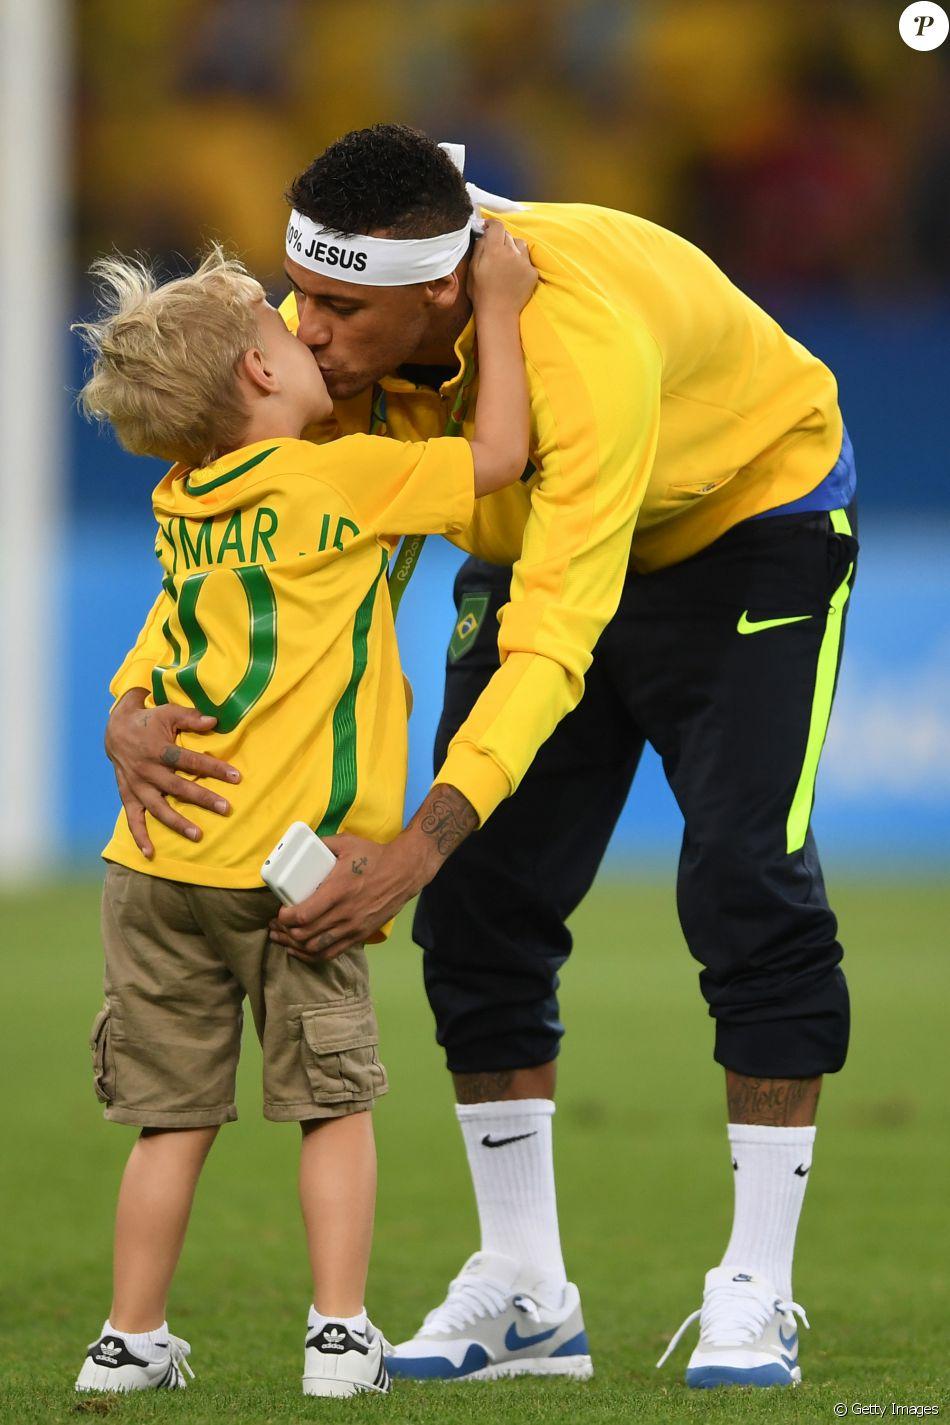 e71ea16a067c4 Neymar comemora medalha de ouro na Olimpíada Rio 2016 ao lado do filho